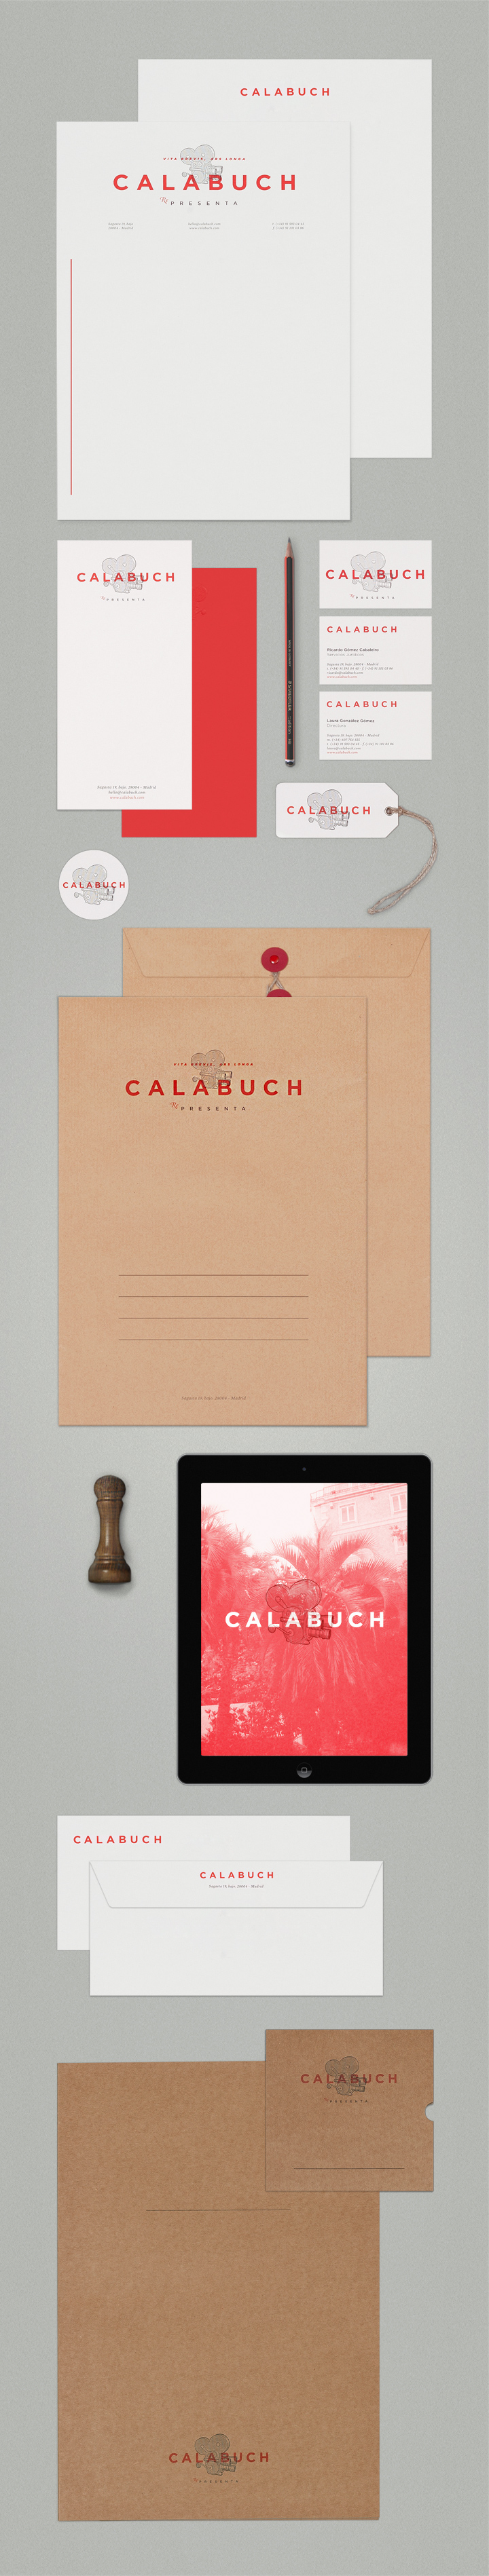 Calabuch4 C A L A B U C H